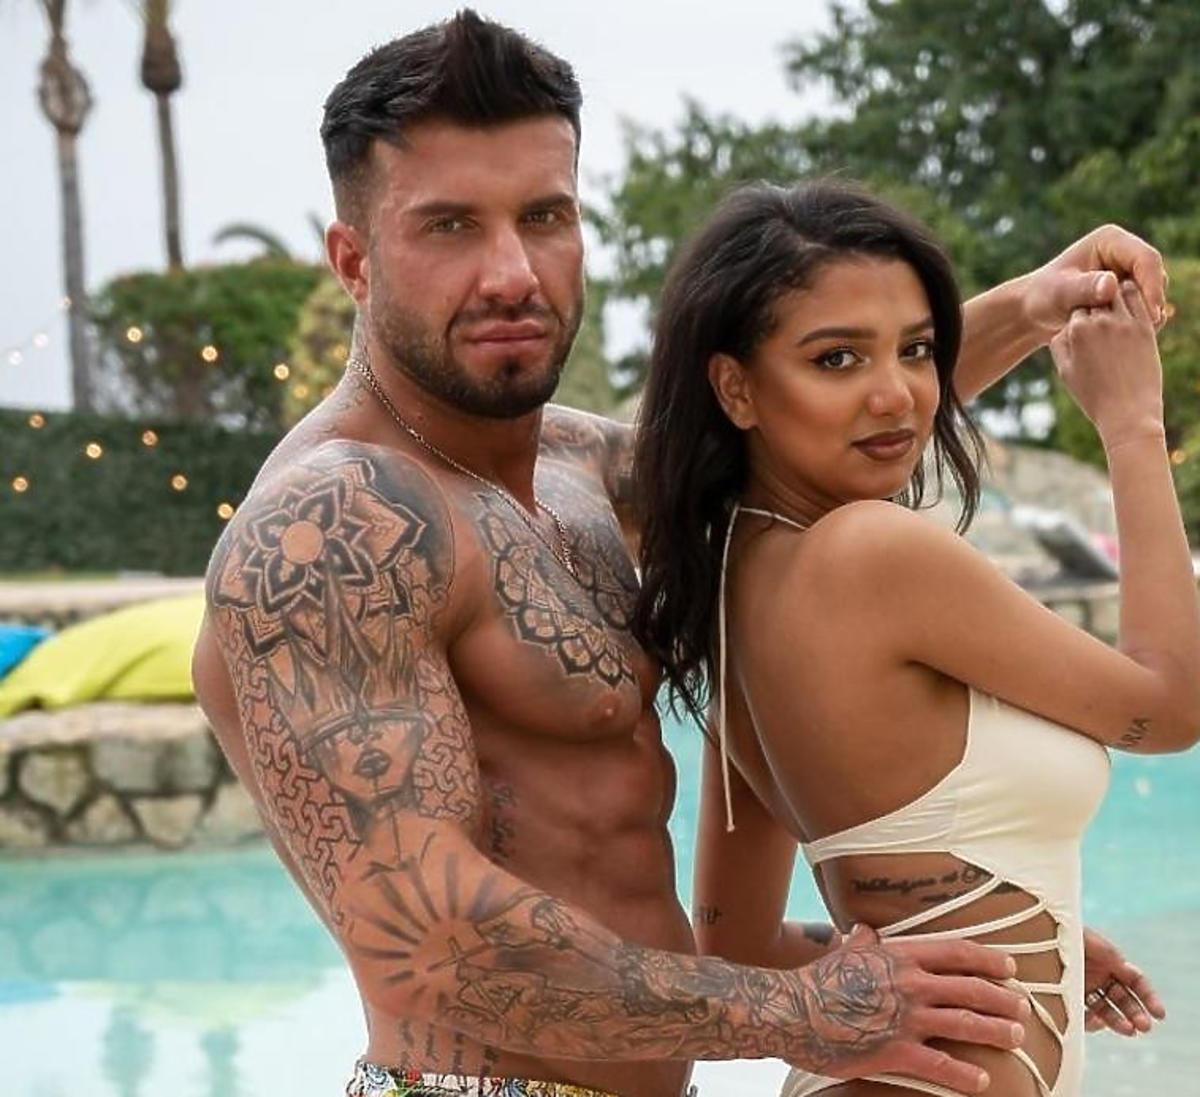 Waleria i Piotr z Love Island